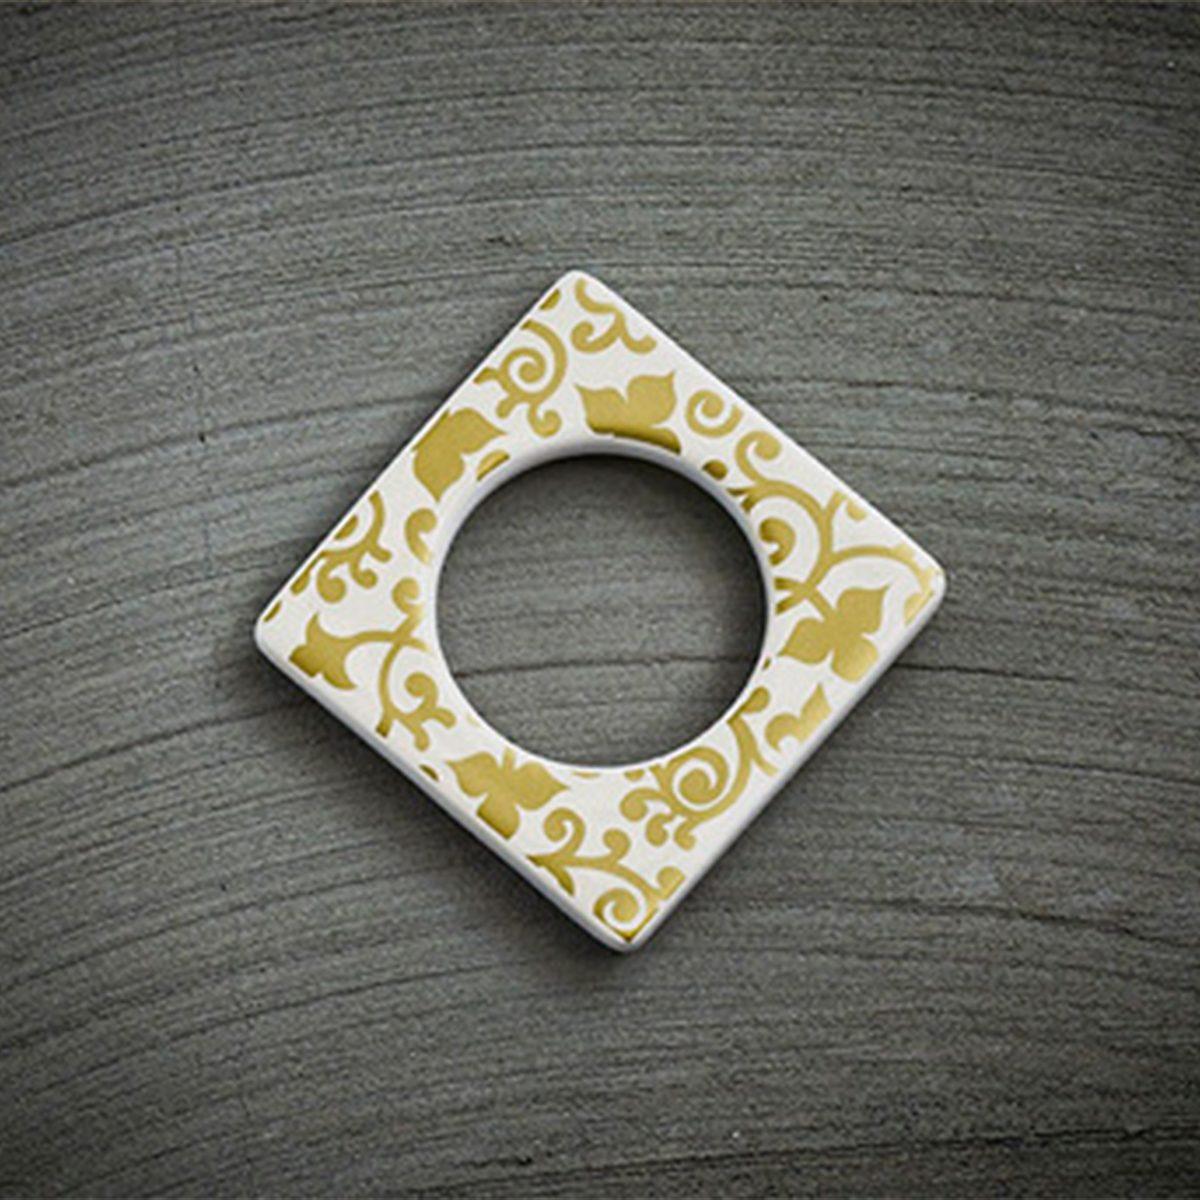 CULTDESIGN Cult Design Manschette für Teelichthalter Blumenwechsel gold